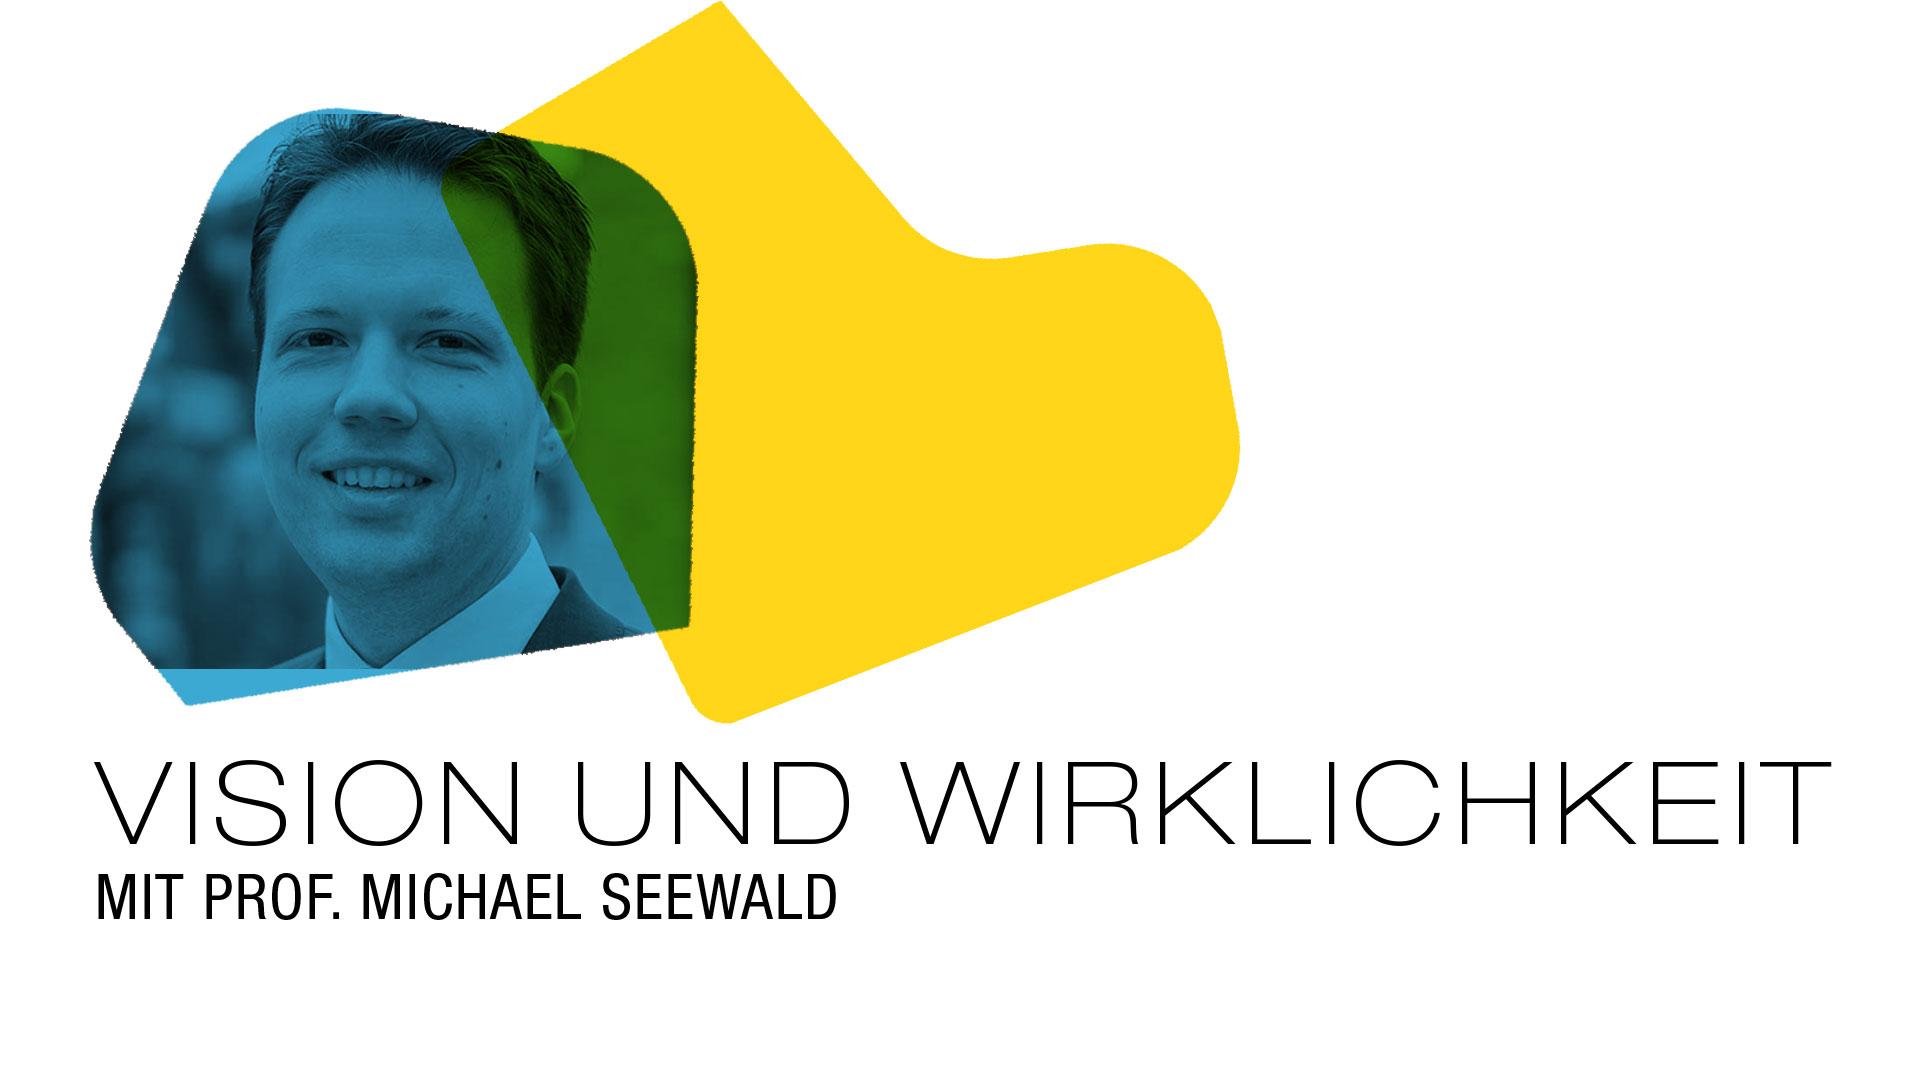 Vision und Wirklichkeit: Resonanzraum mit Prof. Michael Seewald